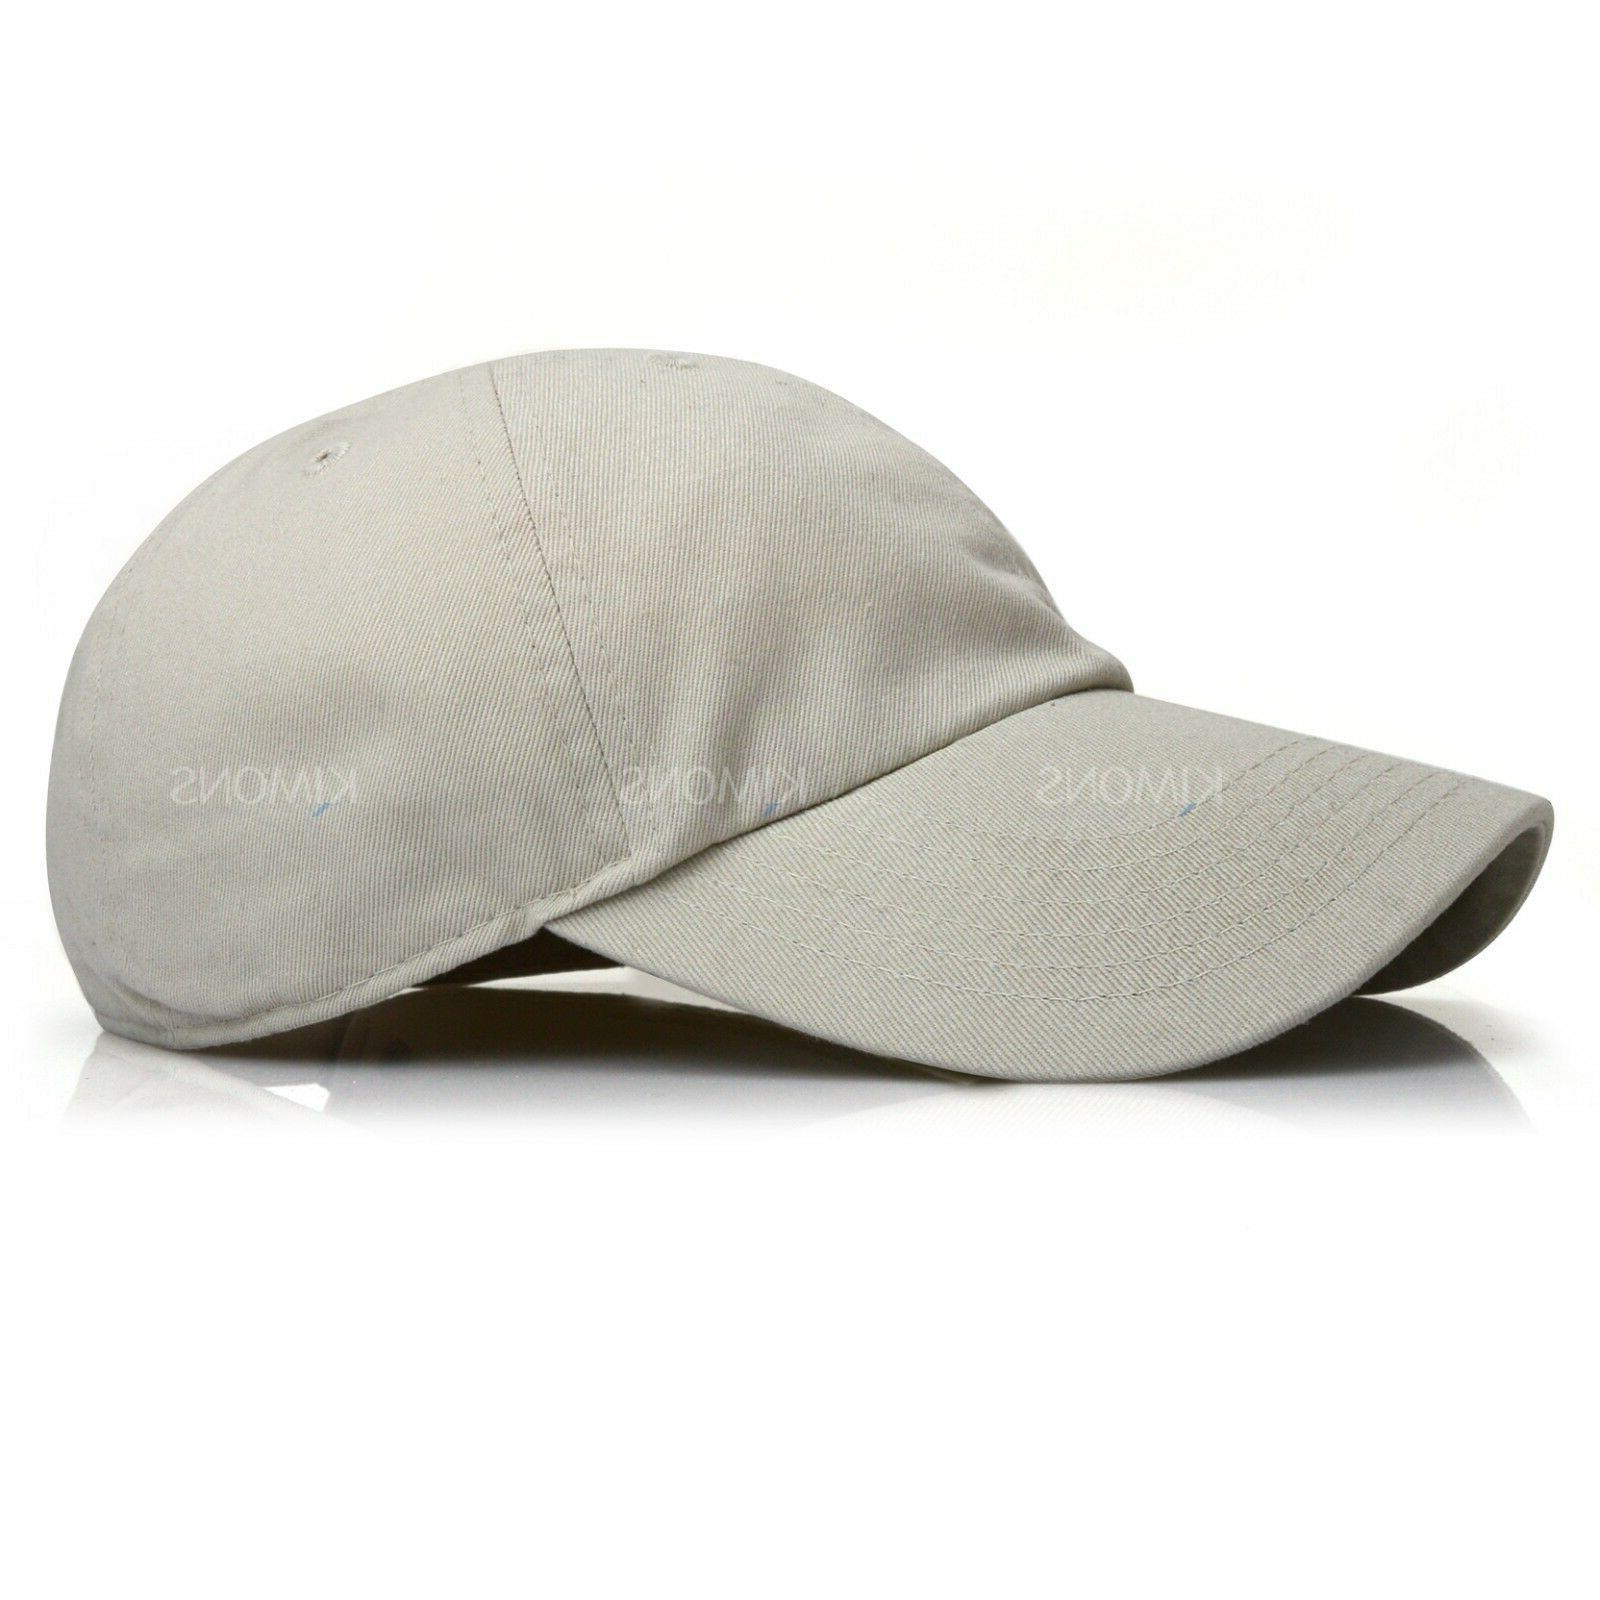 Polo Cotton Cap Adjustable Men